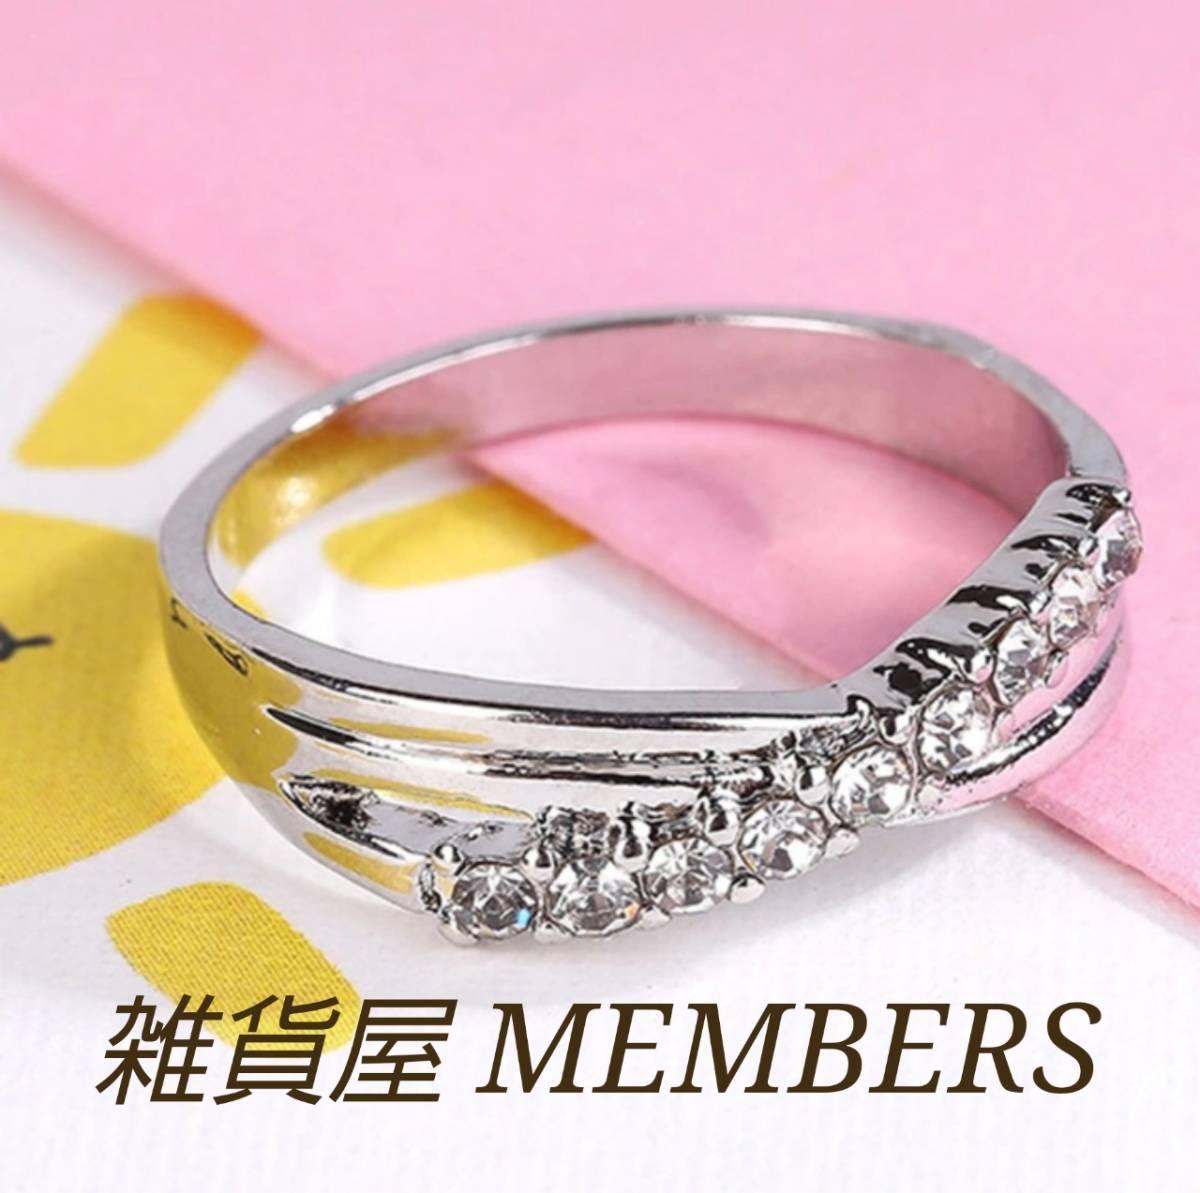 送料無料17号クロムシルバークリアスーパーCZダイヤモンドデザイナーズジュエリーインフィニティリング指輪値下げ残りわずか_画像1